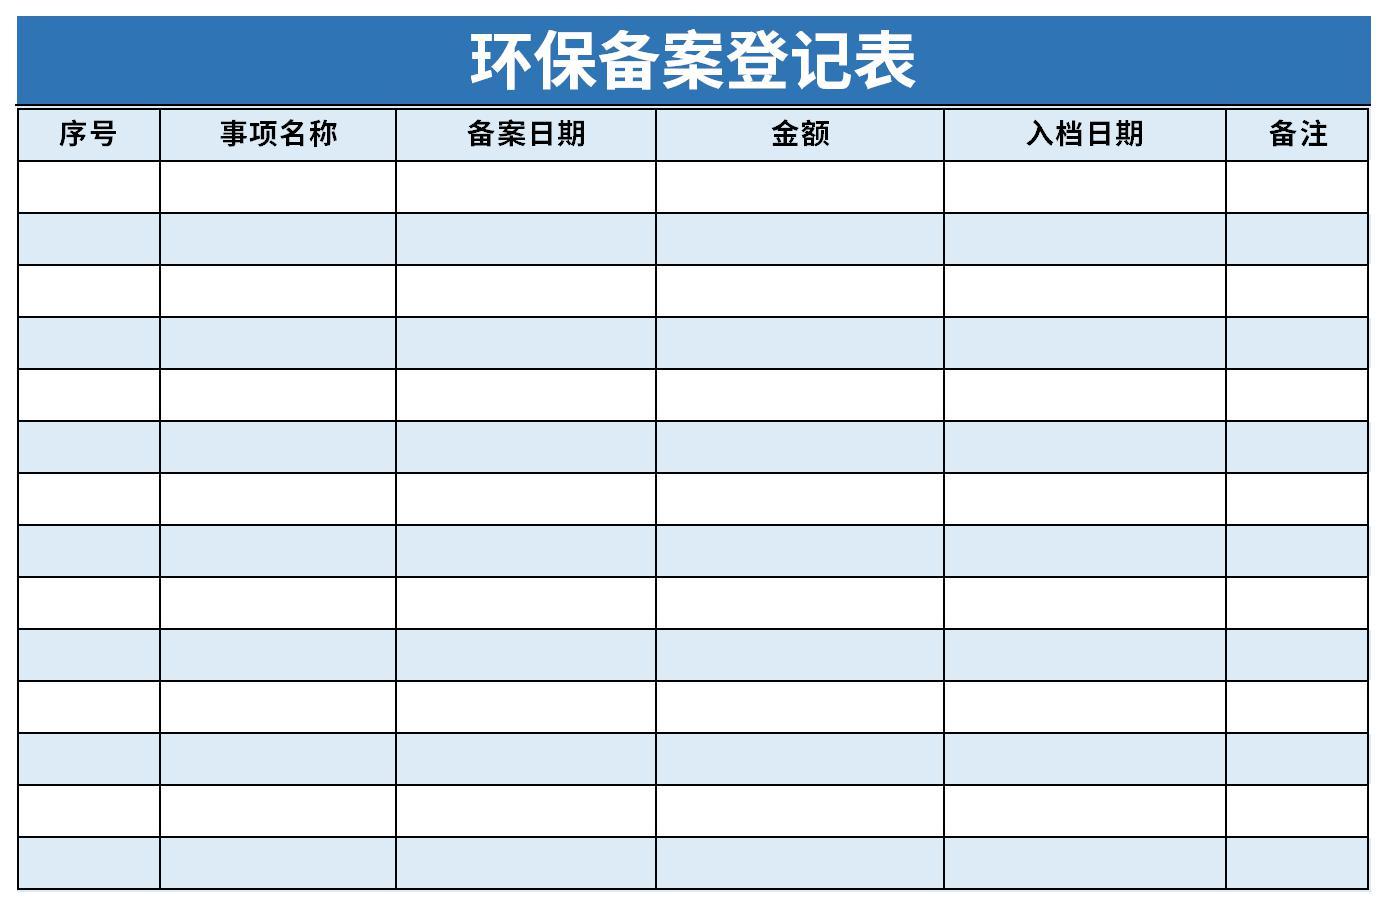 环保备案登记表截图